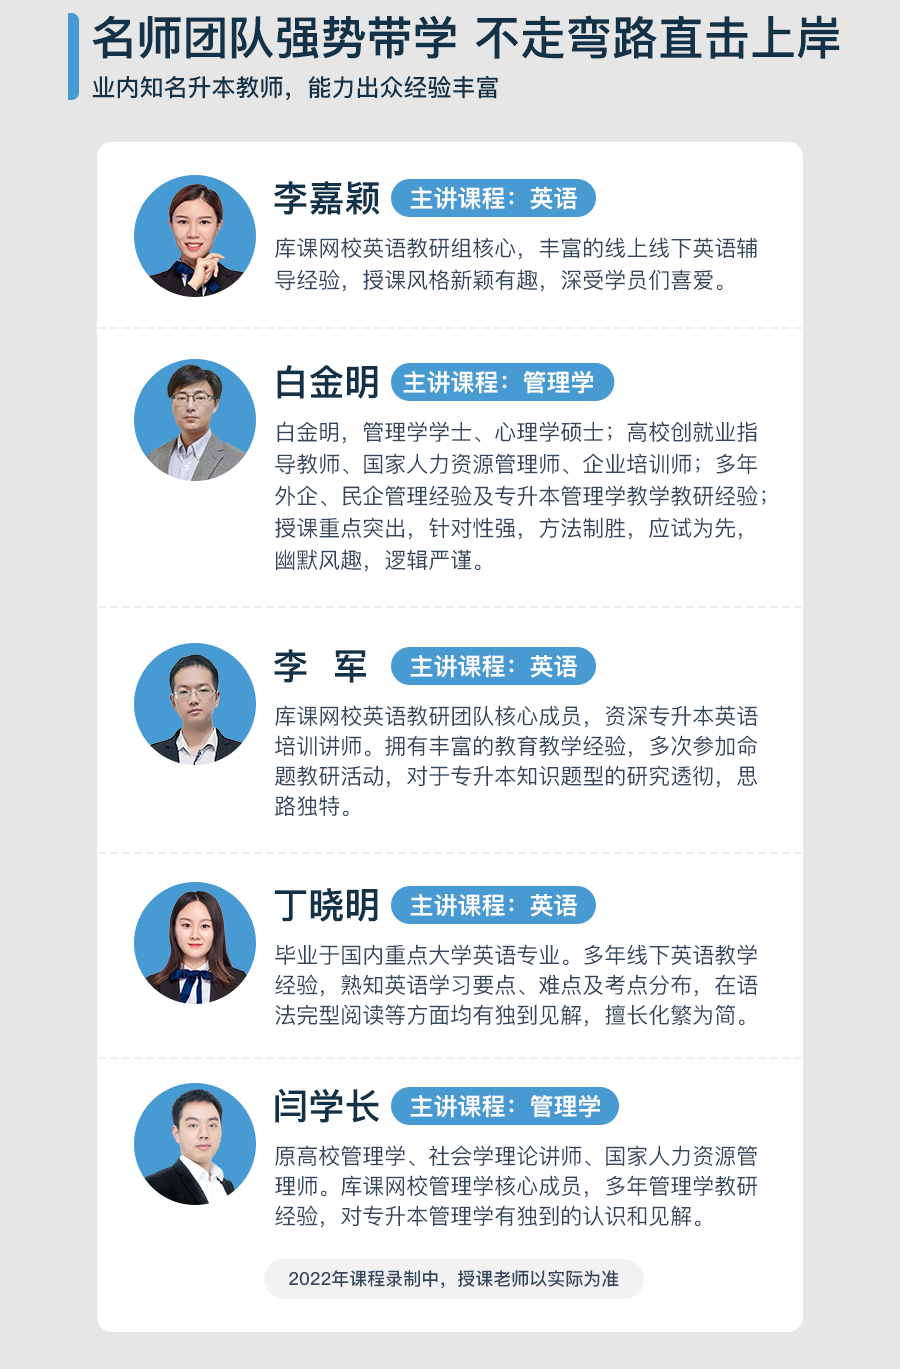 河南管理_05.png